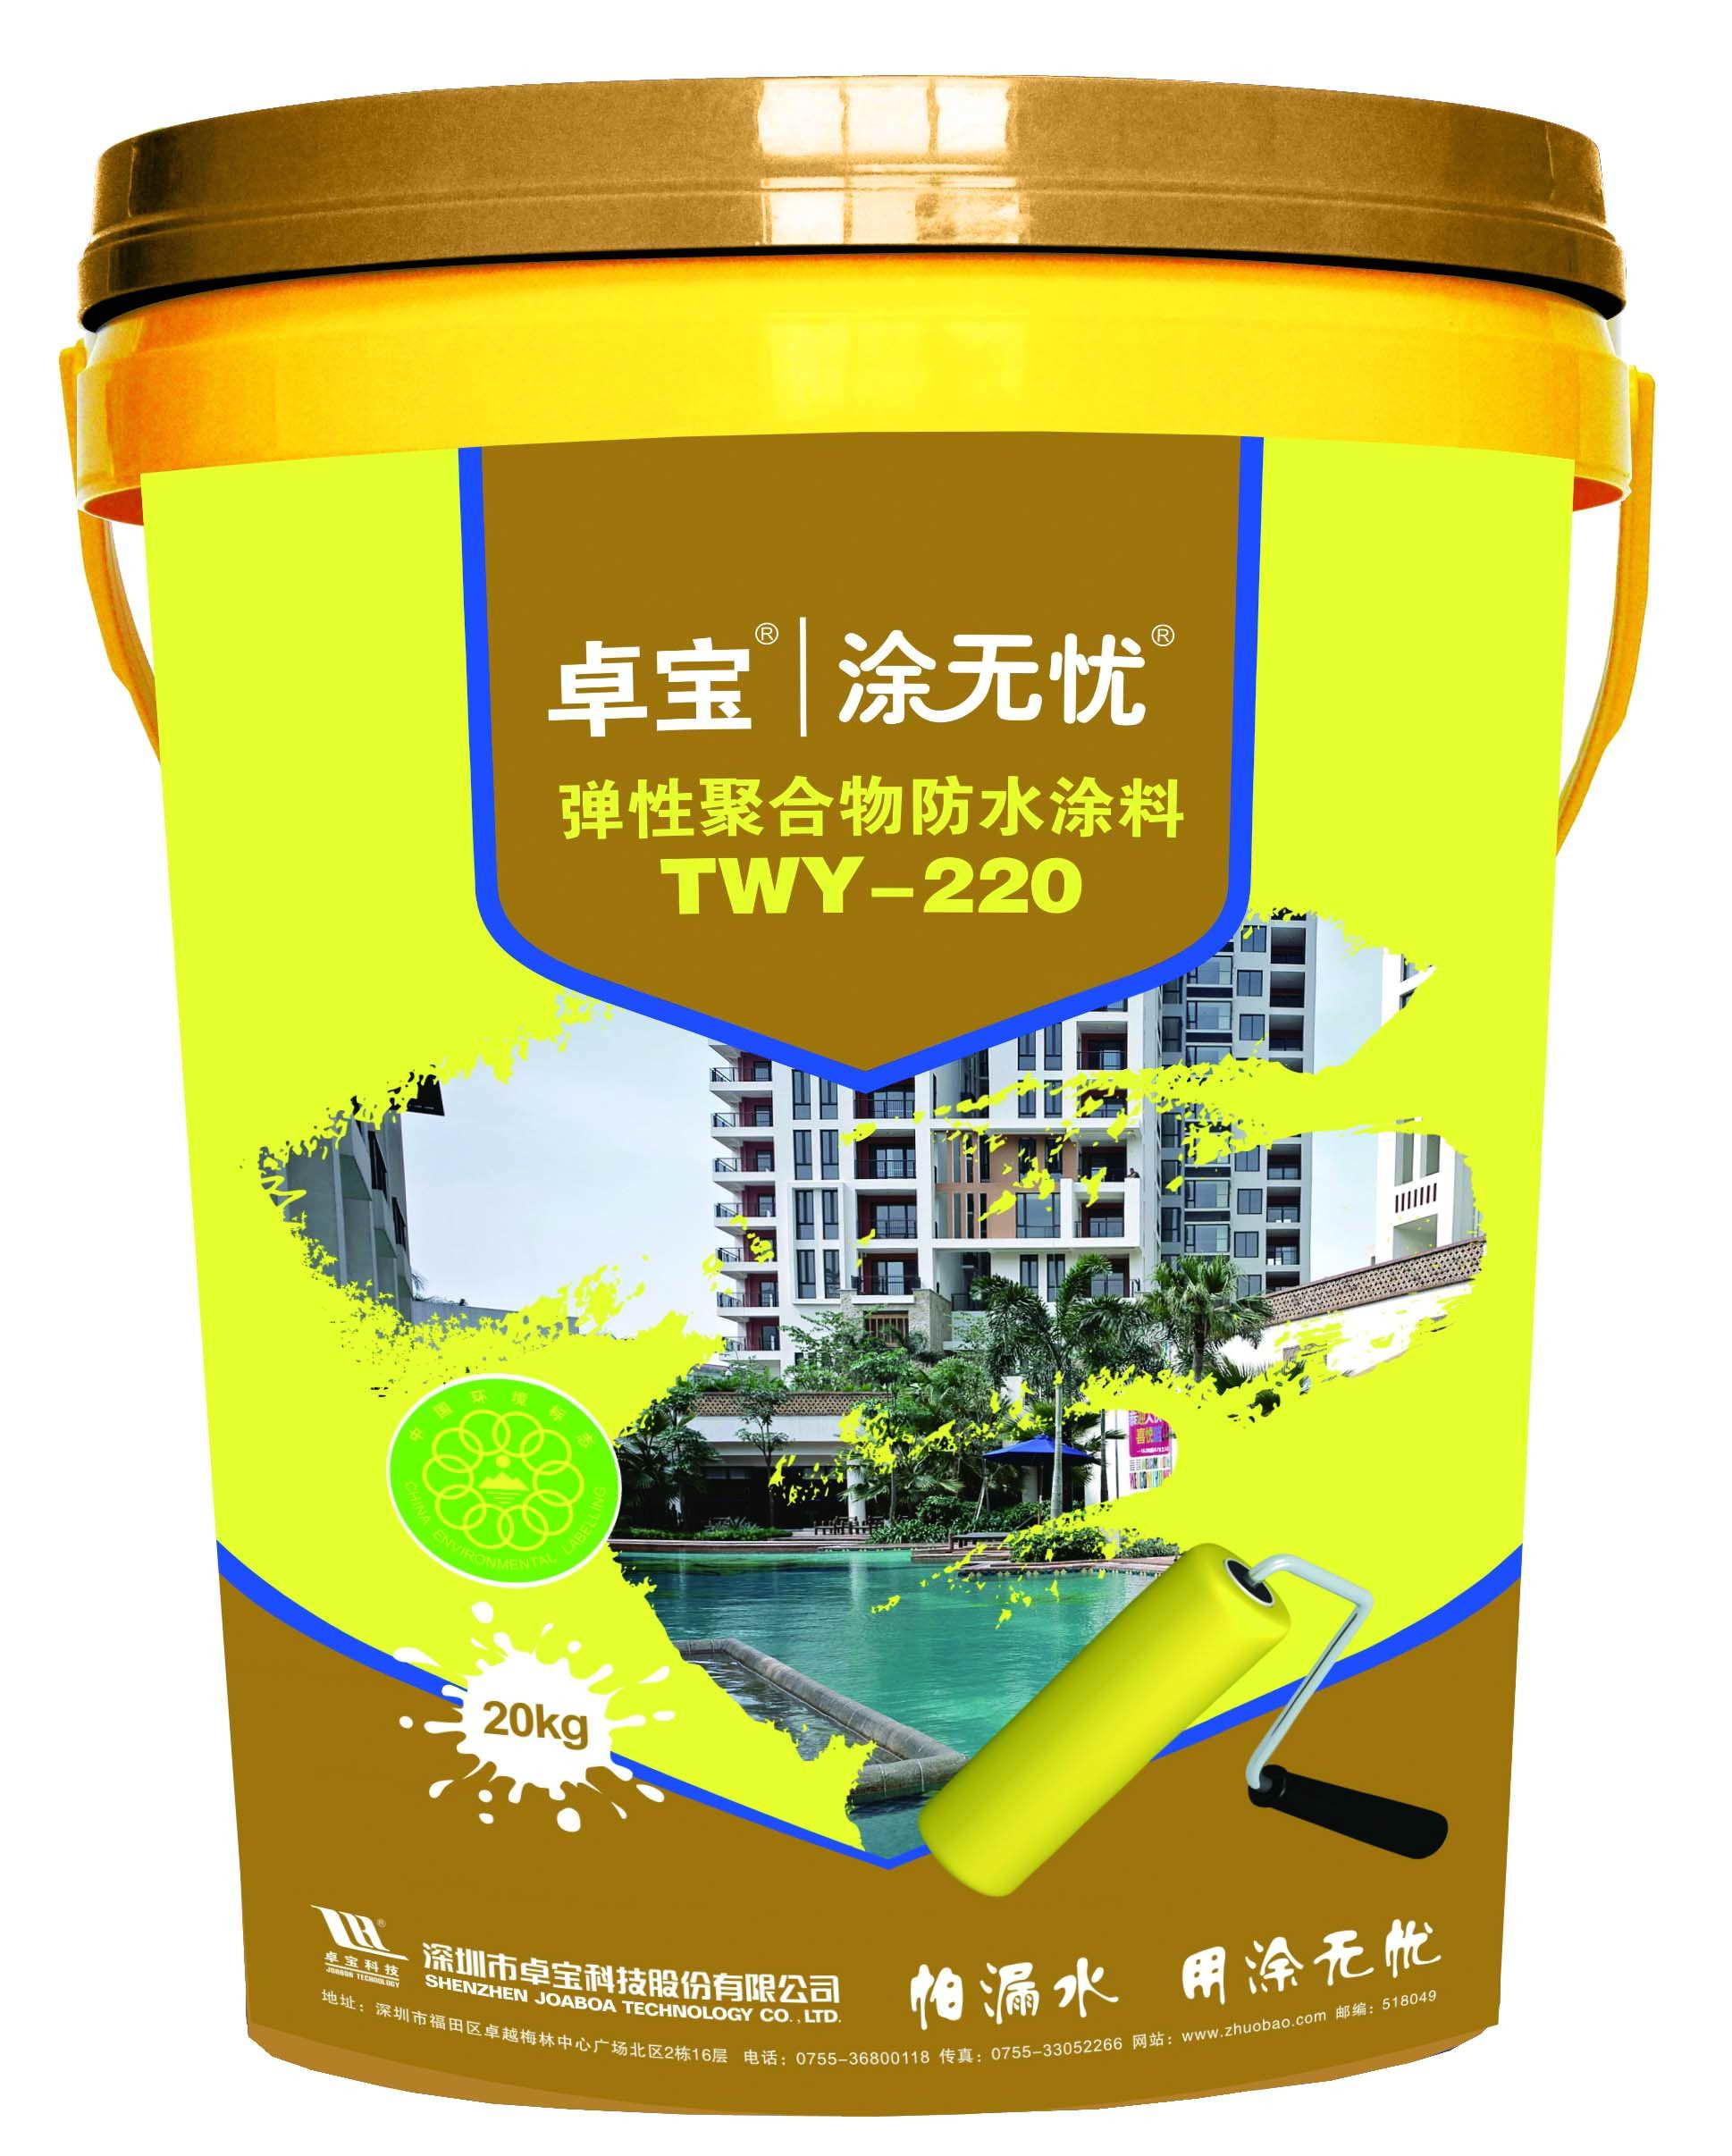 涂无忧TWY-220弹性聚合物防水涂料